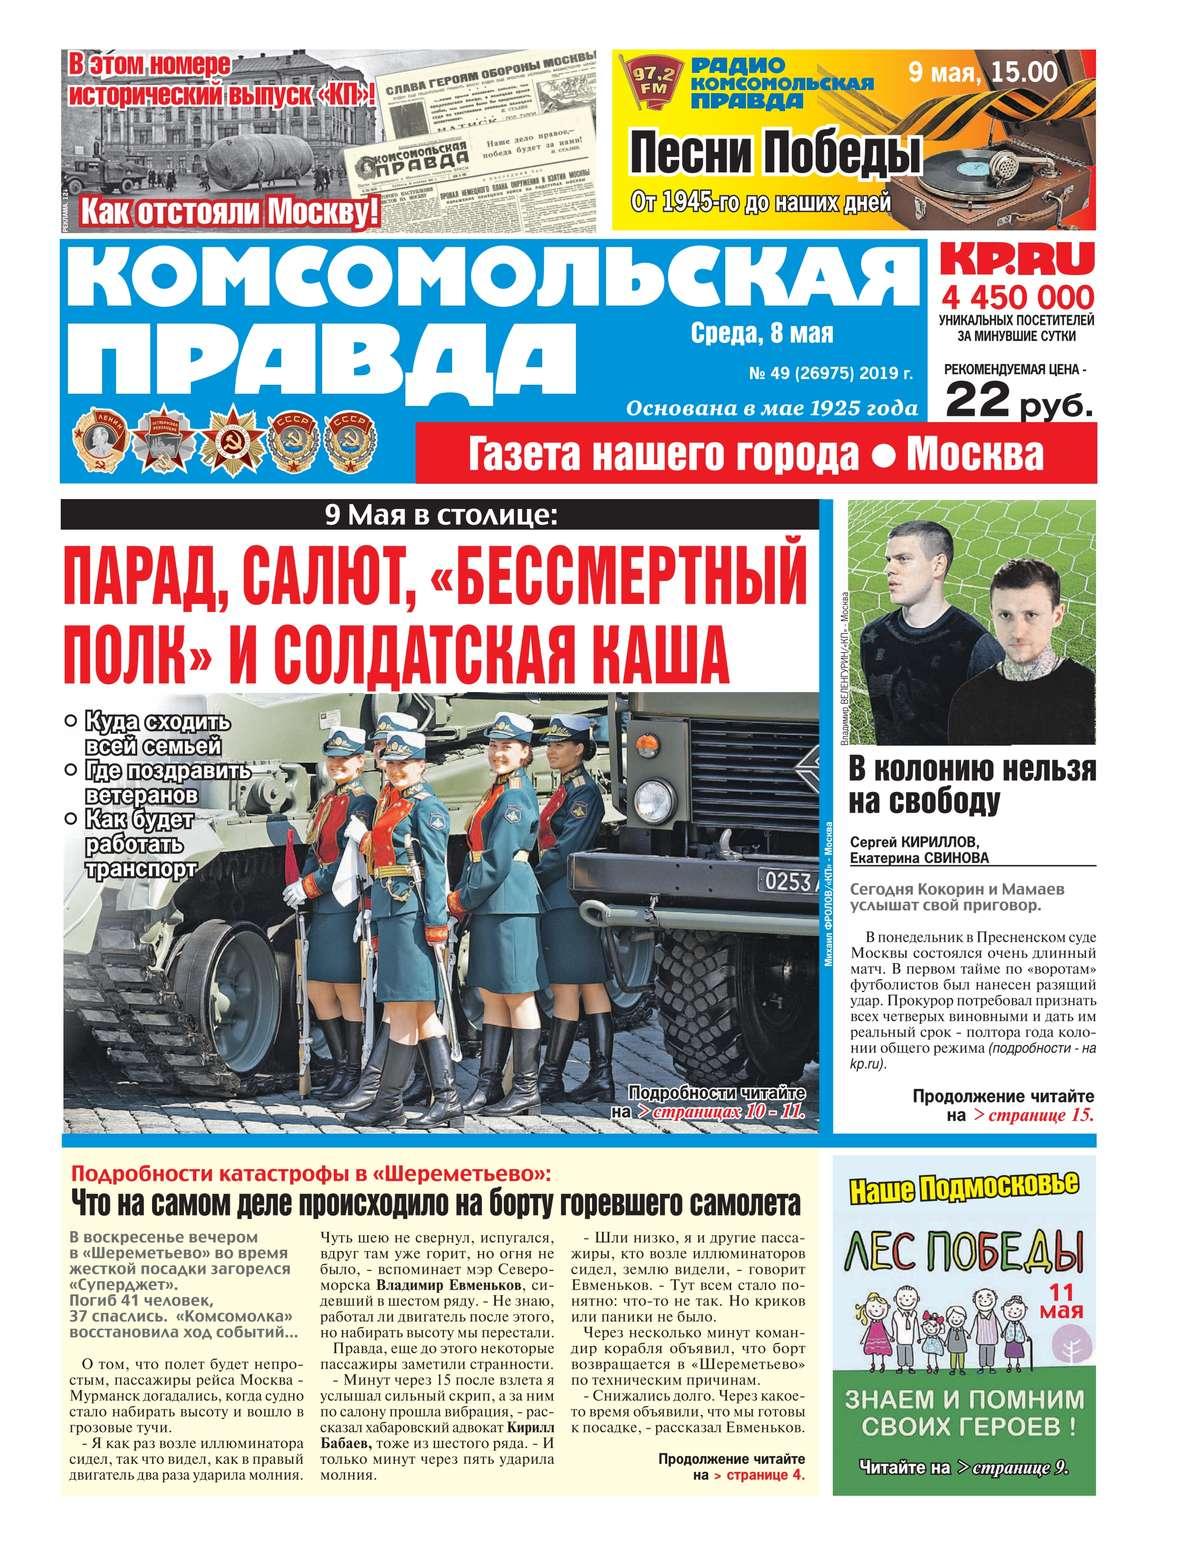 Комсомольская Правда. Москва 49-2019